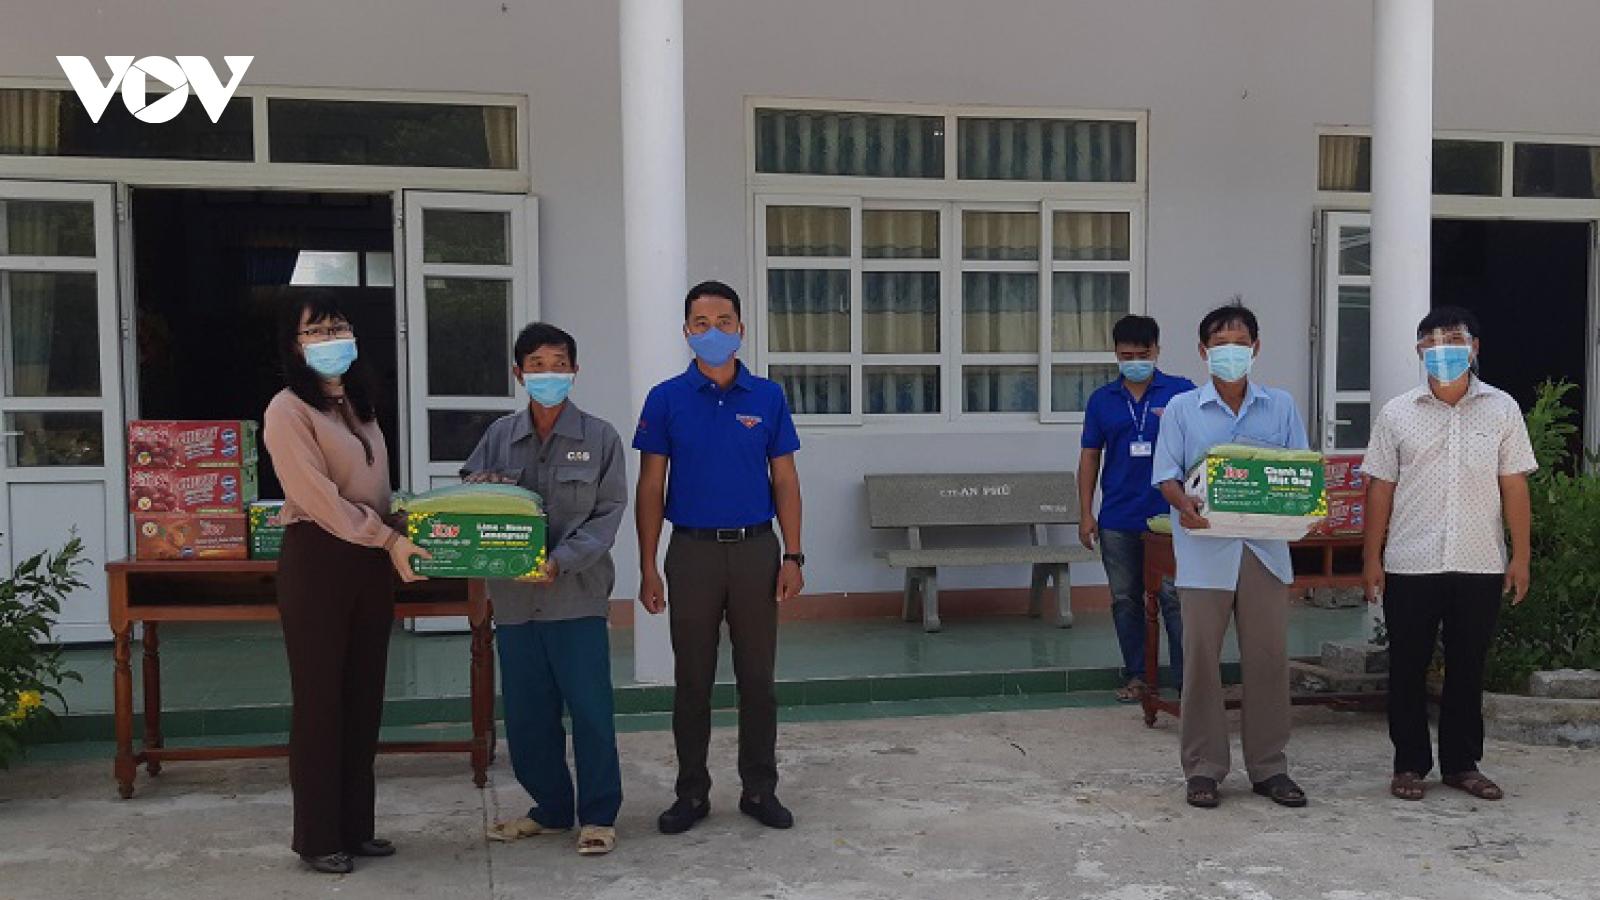 VOV trao quà cho cựu chiến binh, chốt phòng dịch Covid-19 ở Ninh Thuận